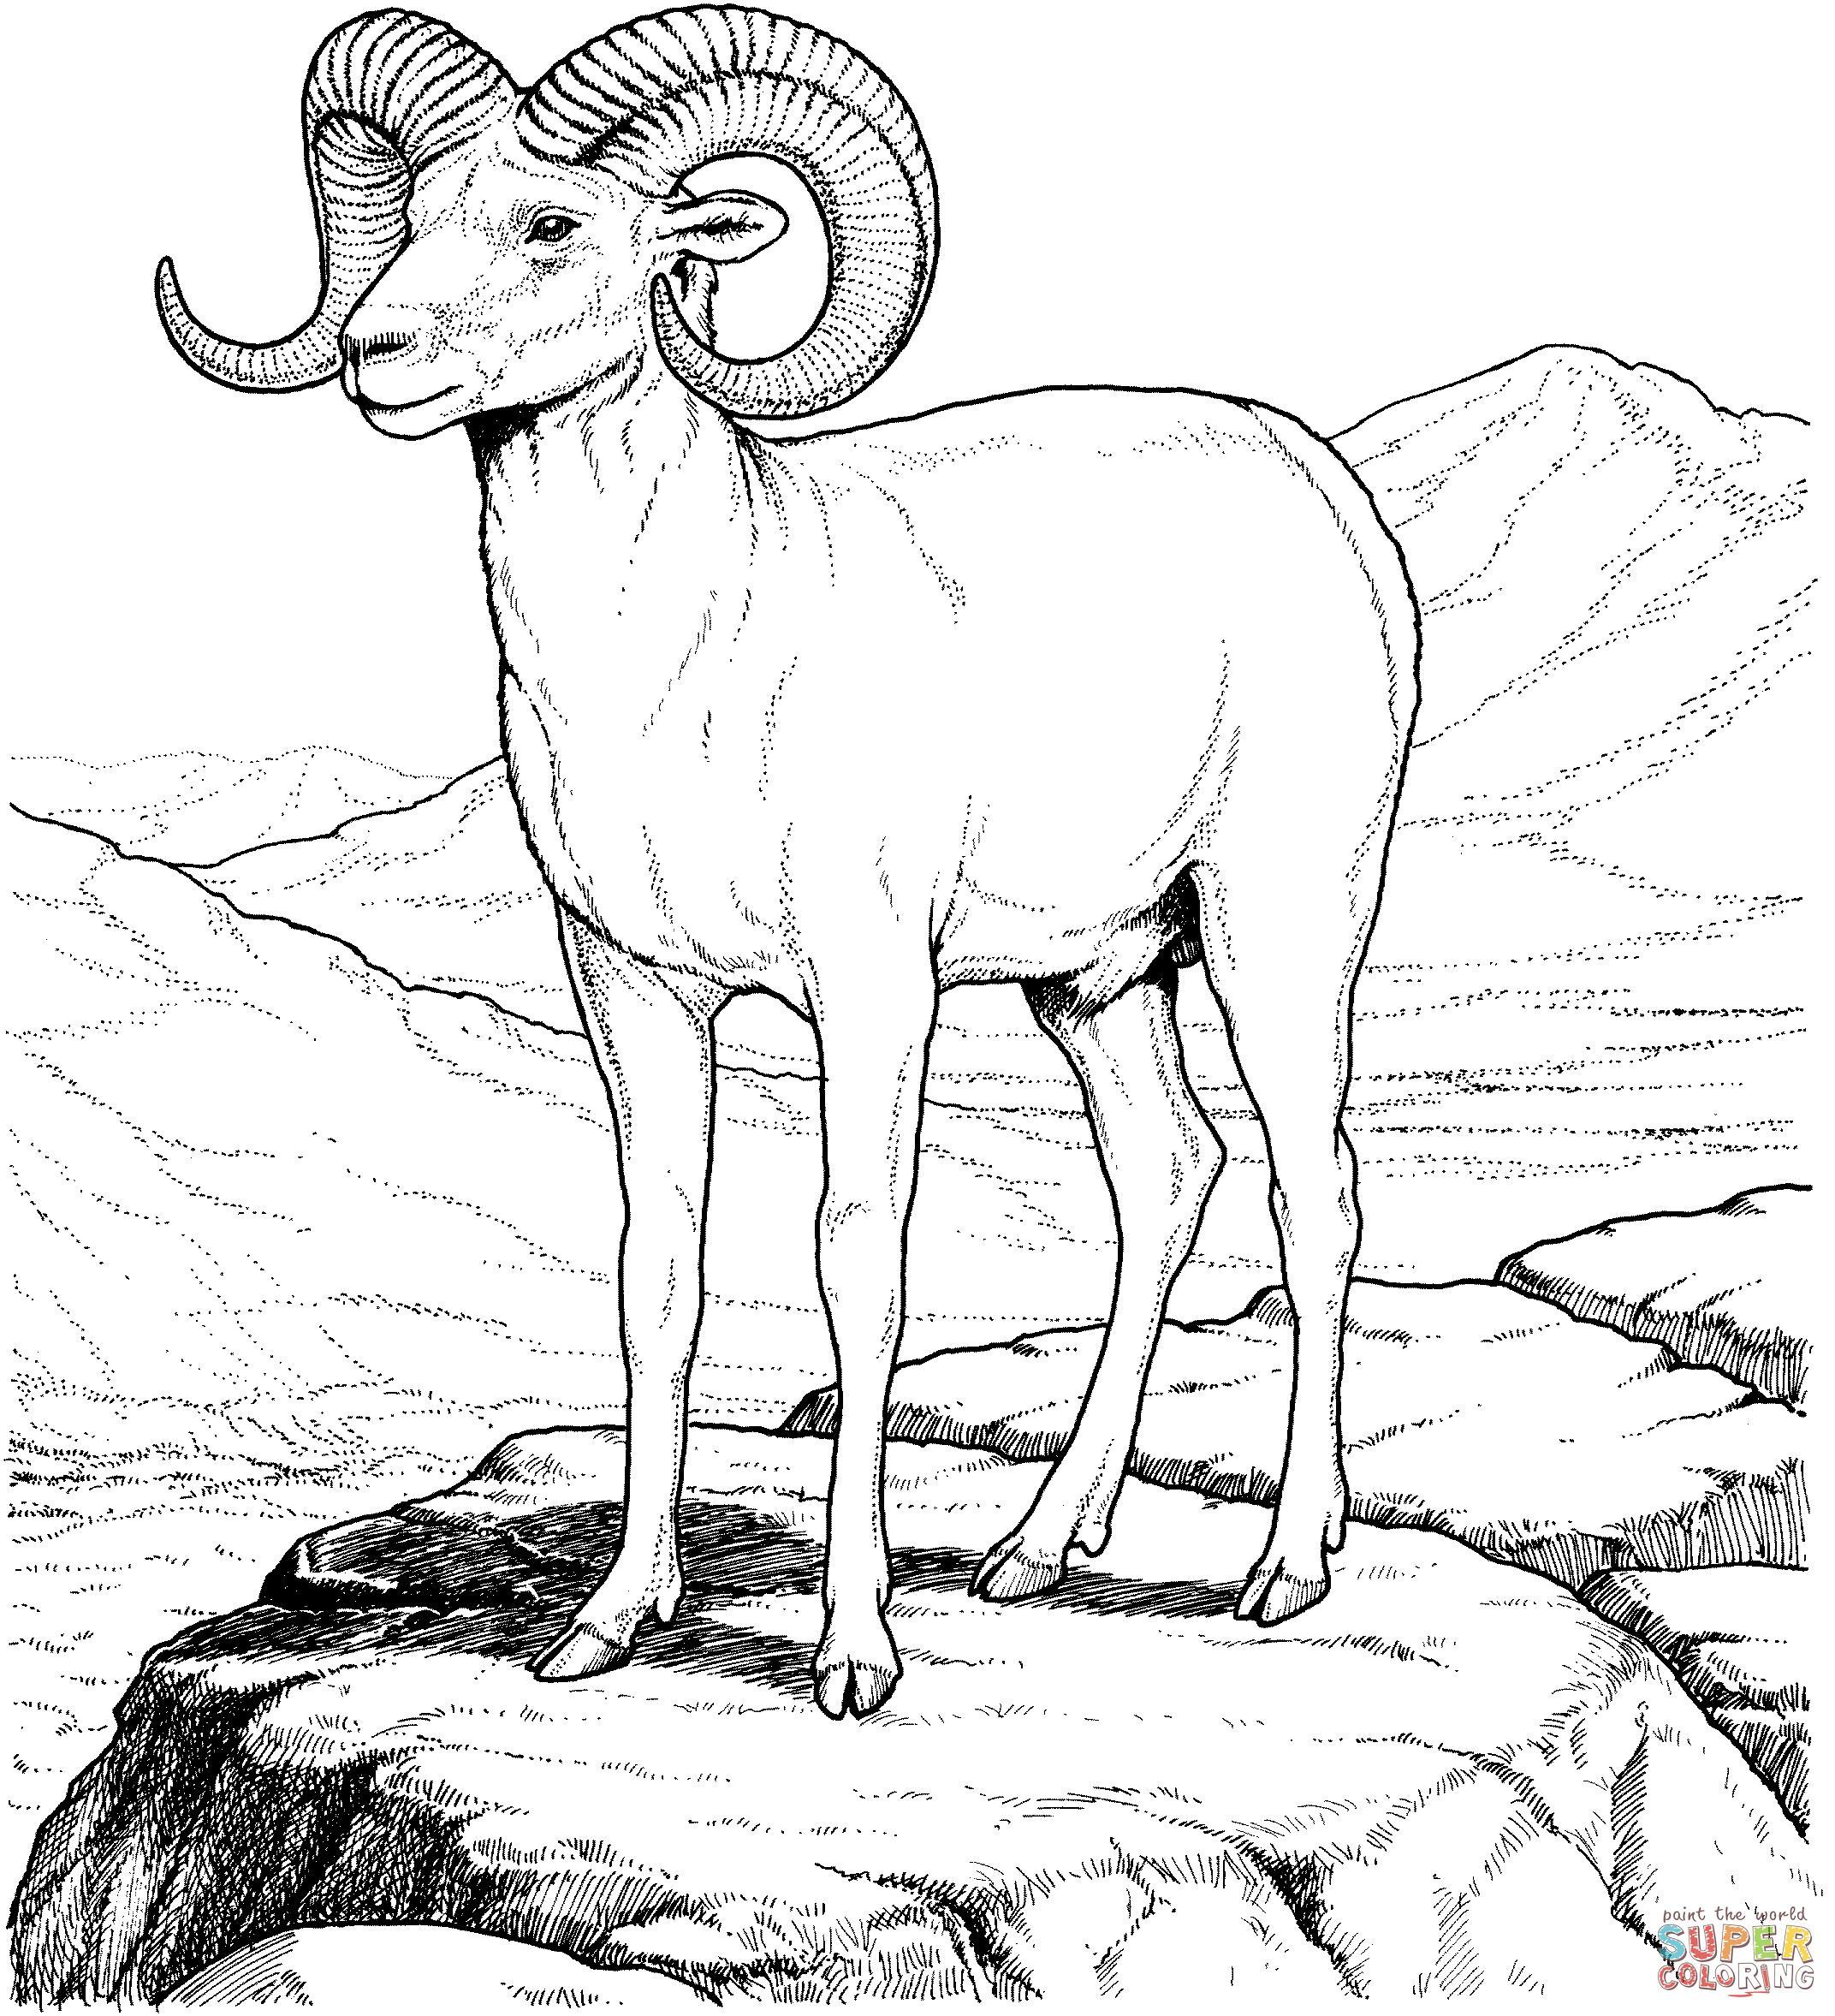 Горный козел, архар, козел с закрученными рогами, горы Скачать раскраски для мальчиков